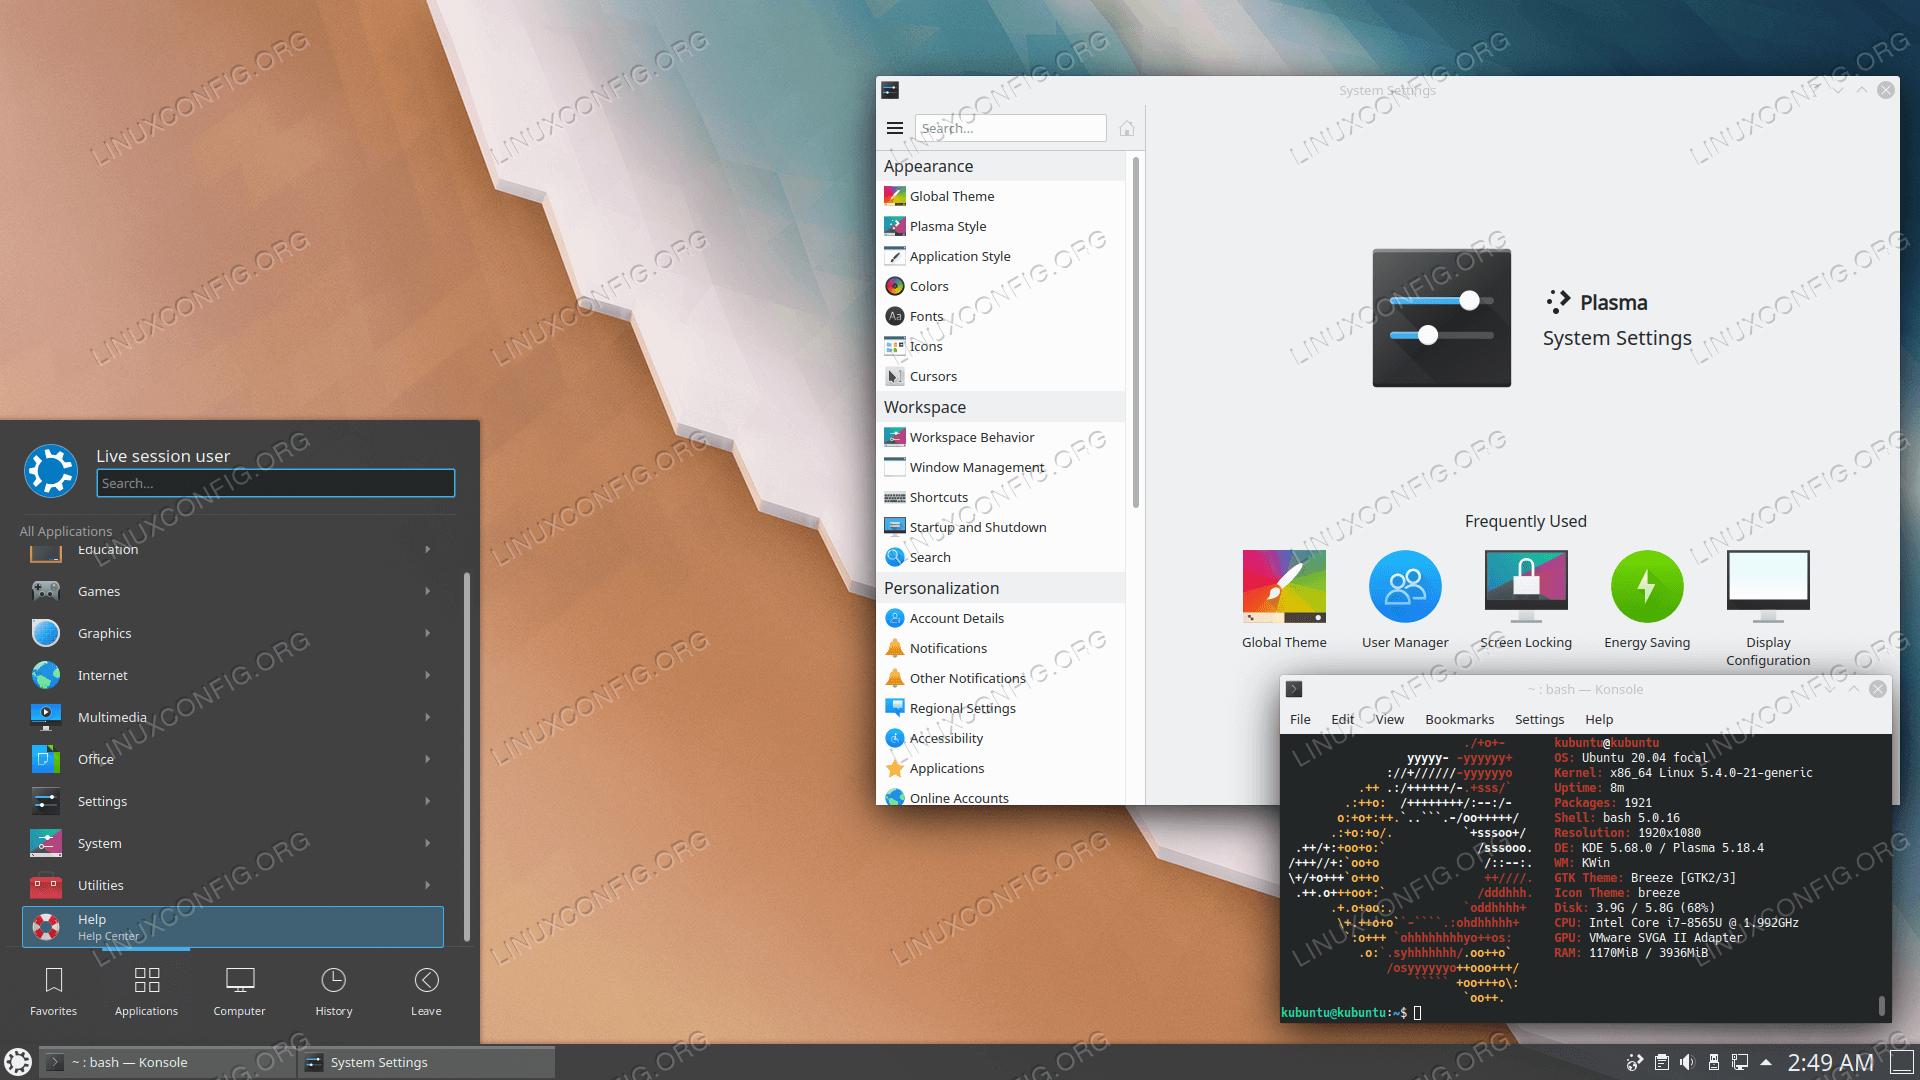 Alternative KDE based Kubuntu desktop 20.04.